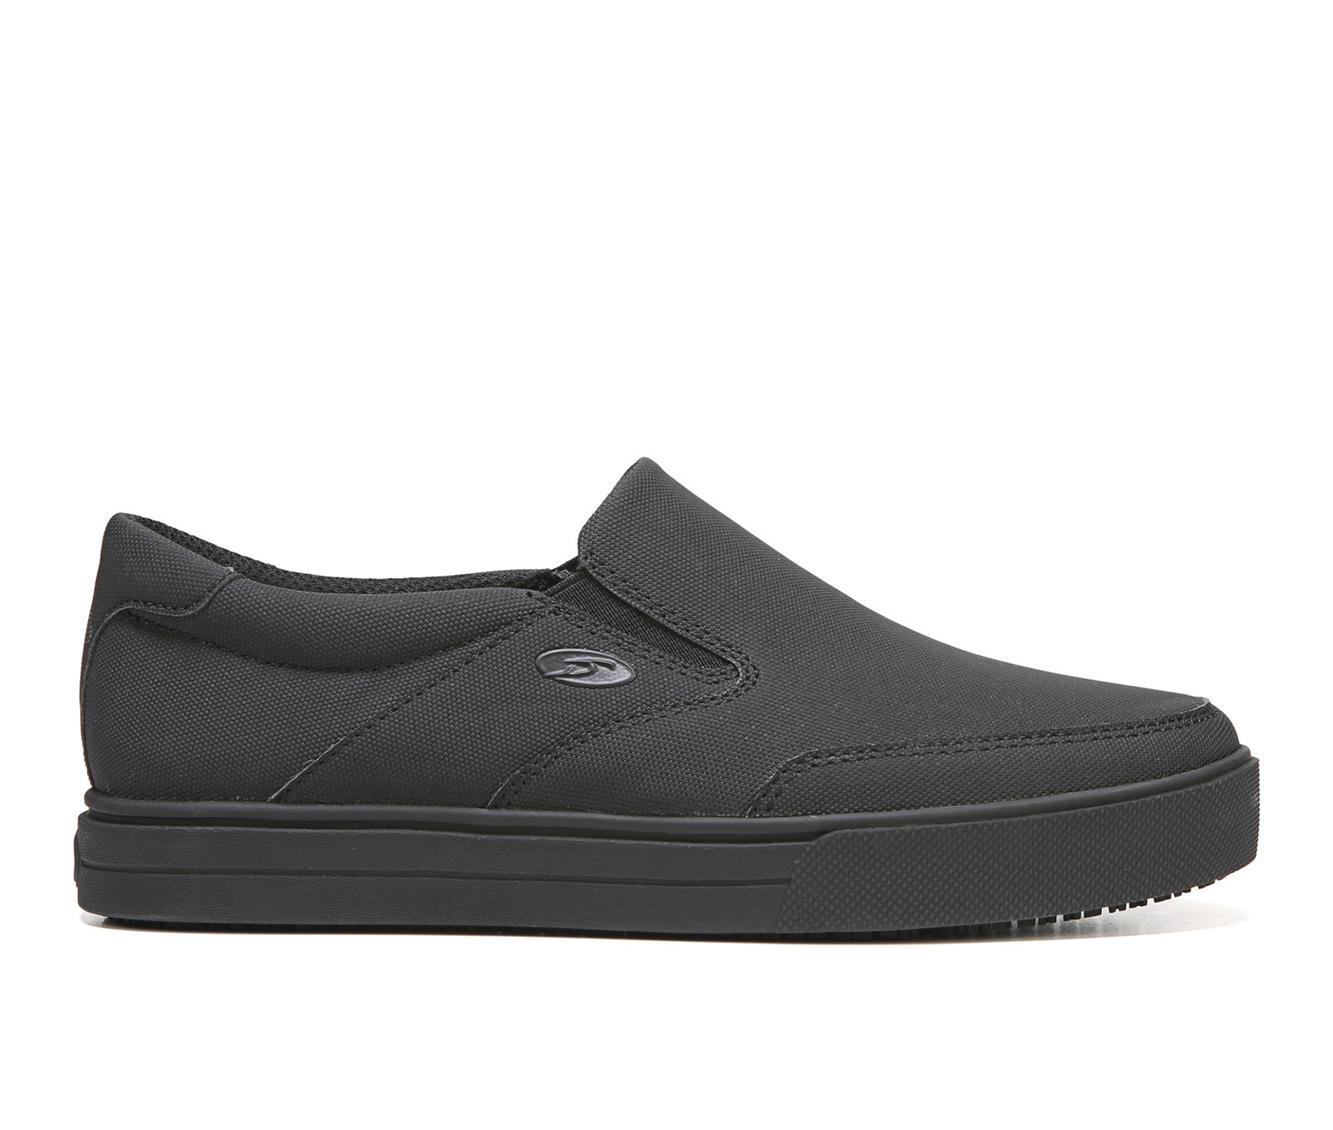 Dr. Scholls Vital Men's Boot (Black Faux Leather)